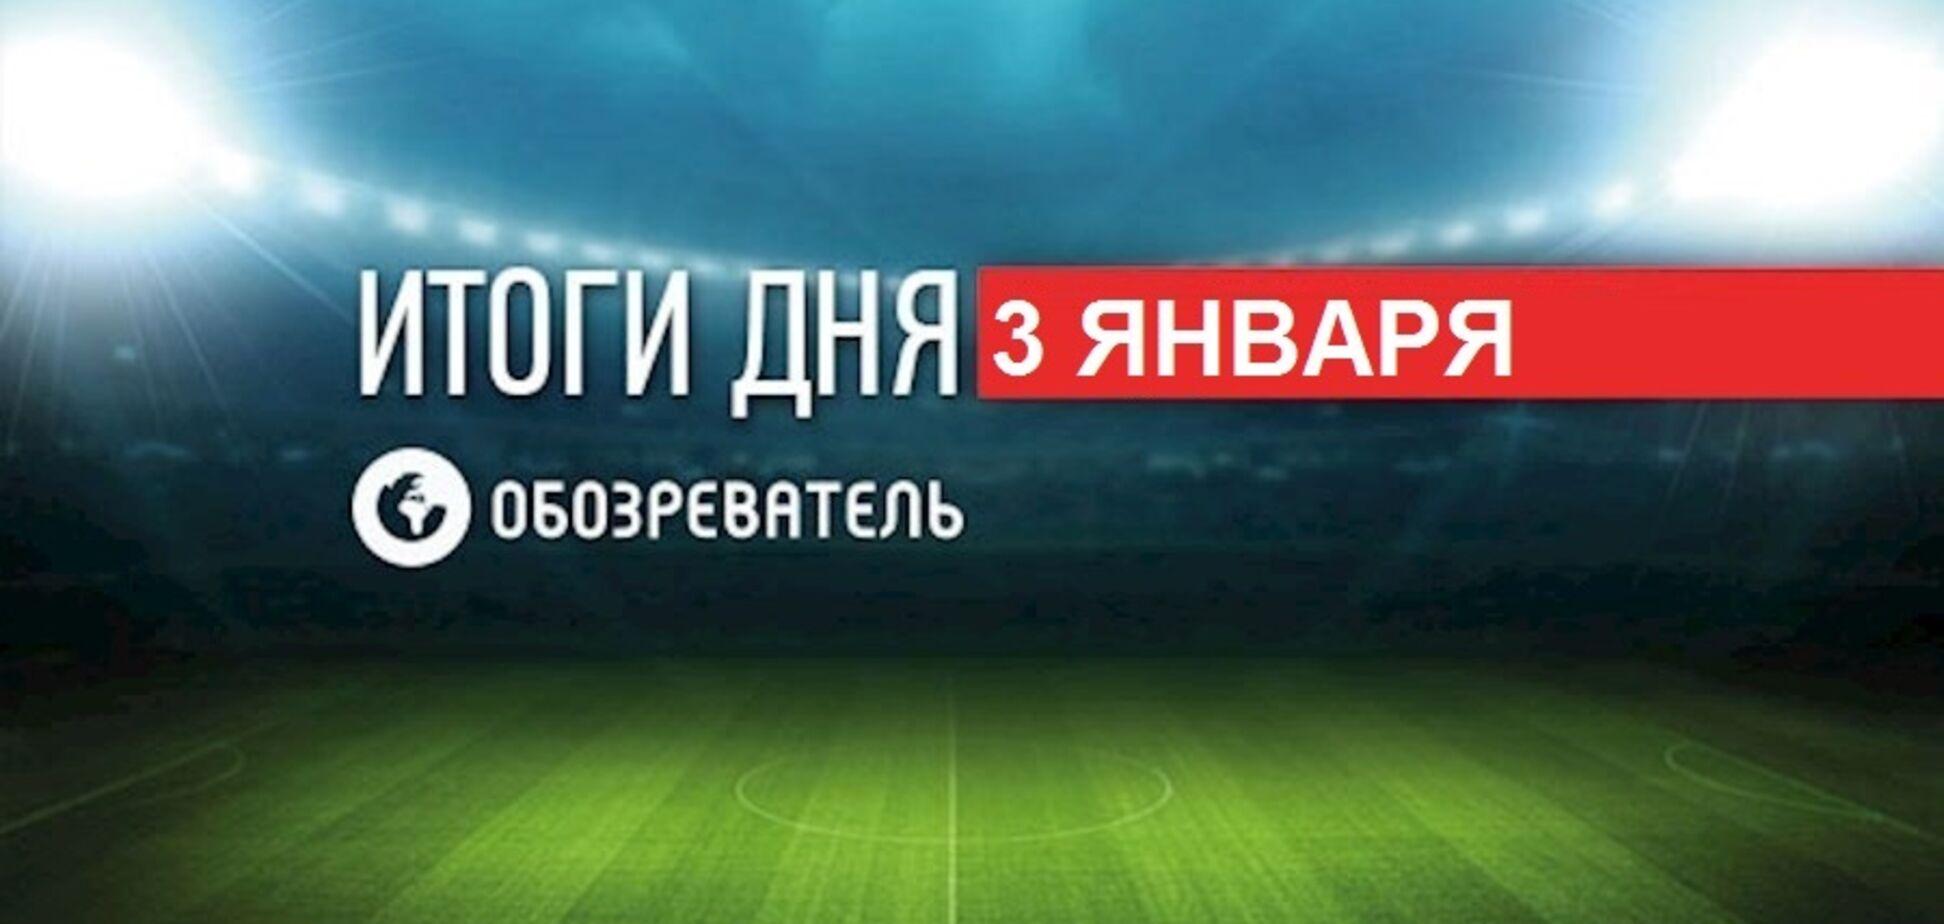 В сети вспомнили, как Кличко взбесился в ринге: спортивные итоги 3 января